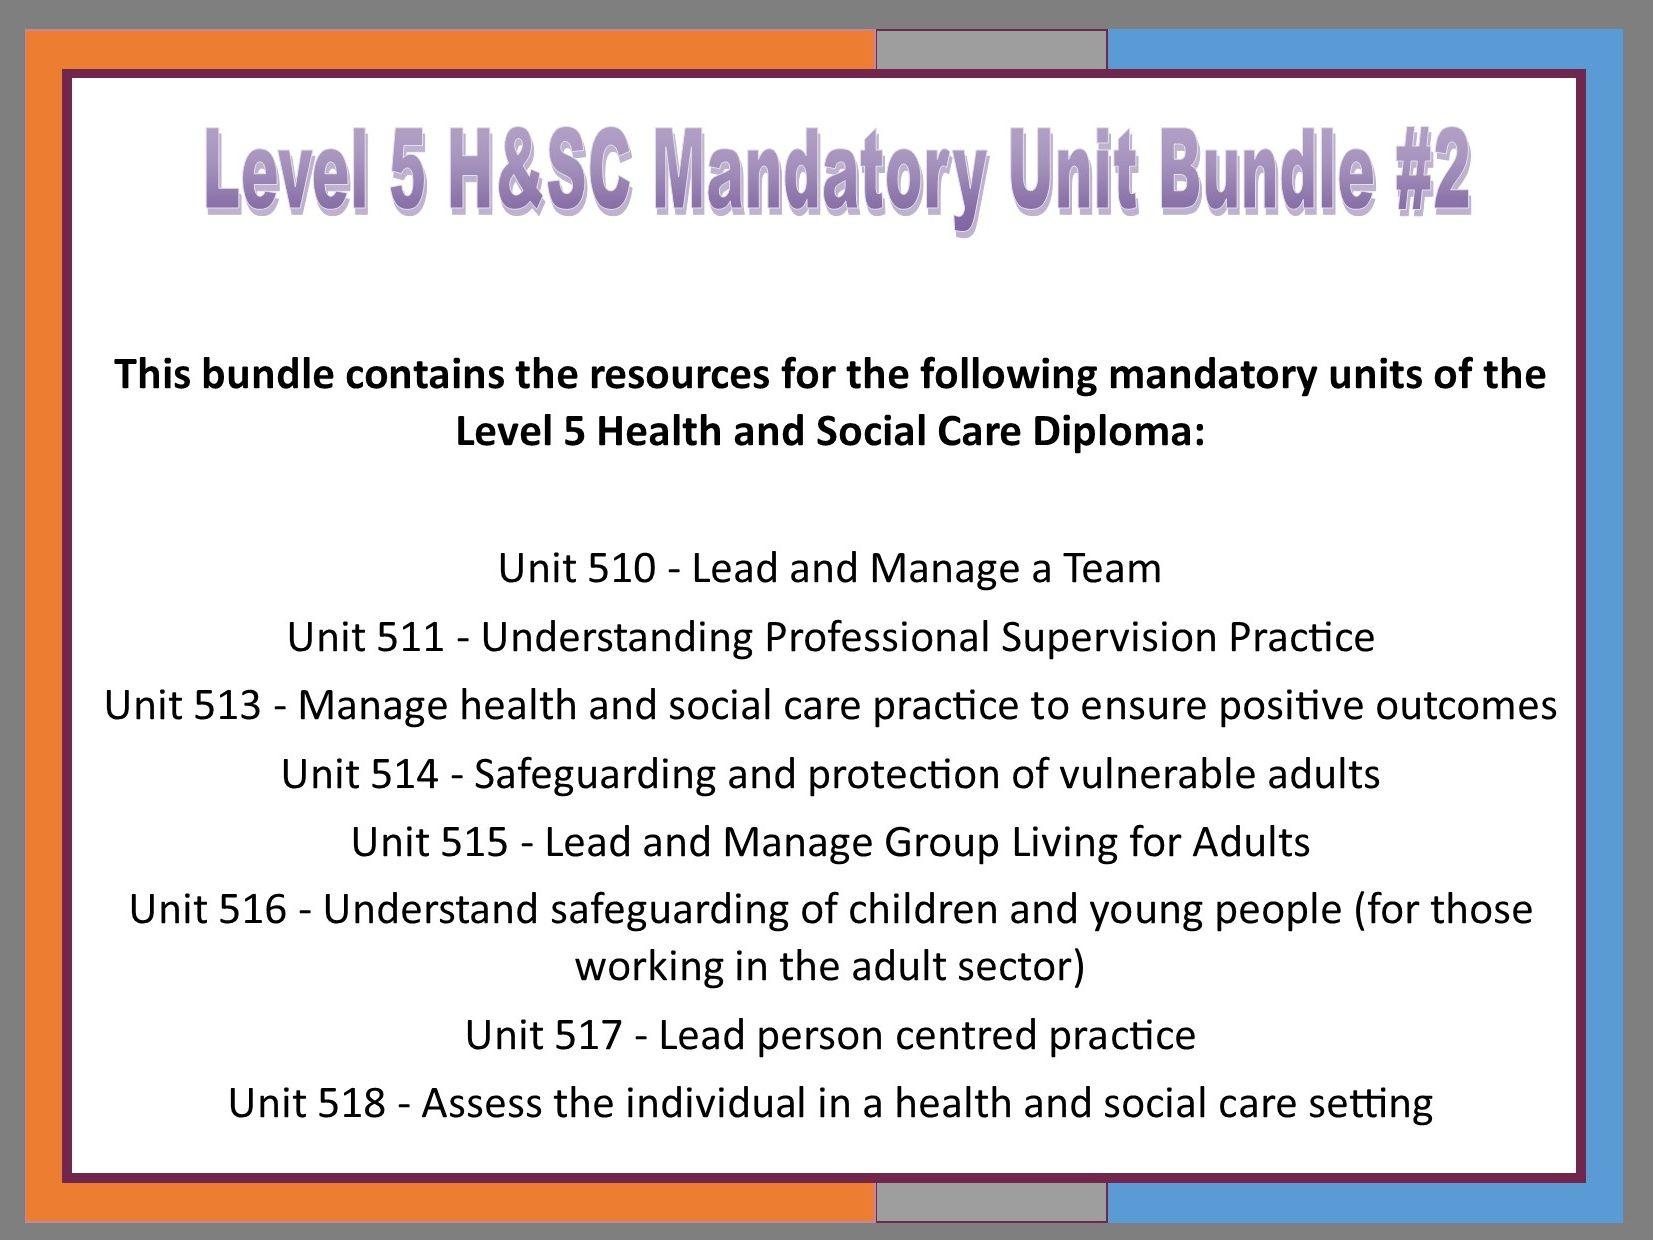 Level 5 H&SC: Mandatory Units Bundle #2